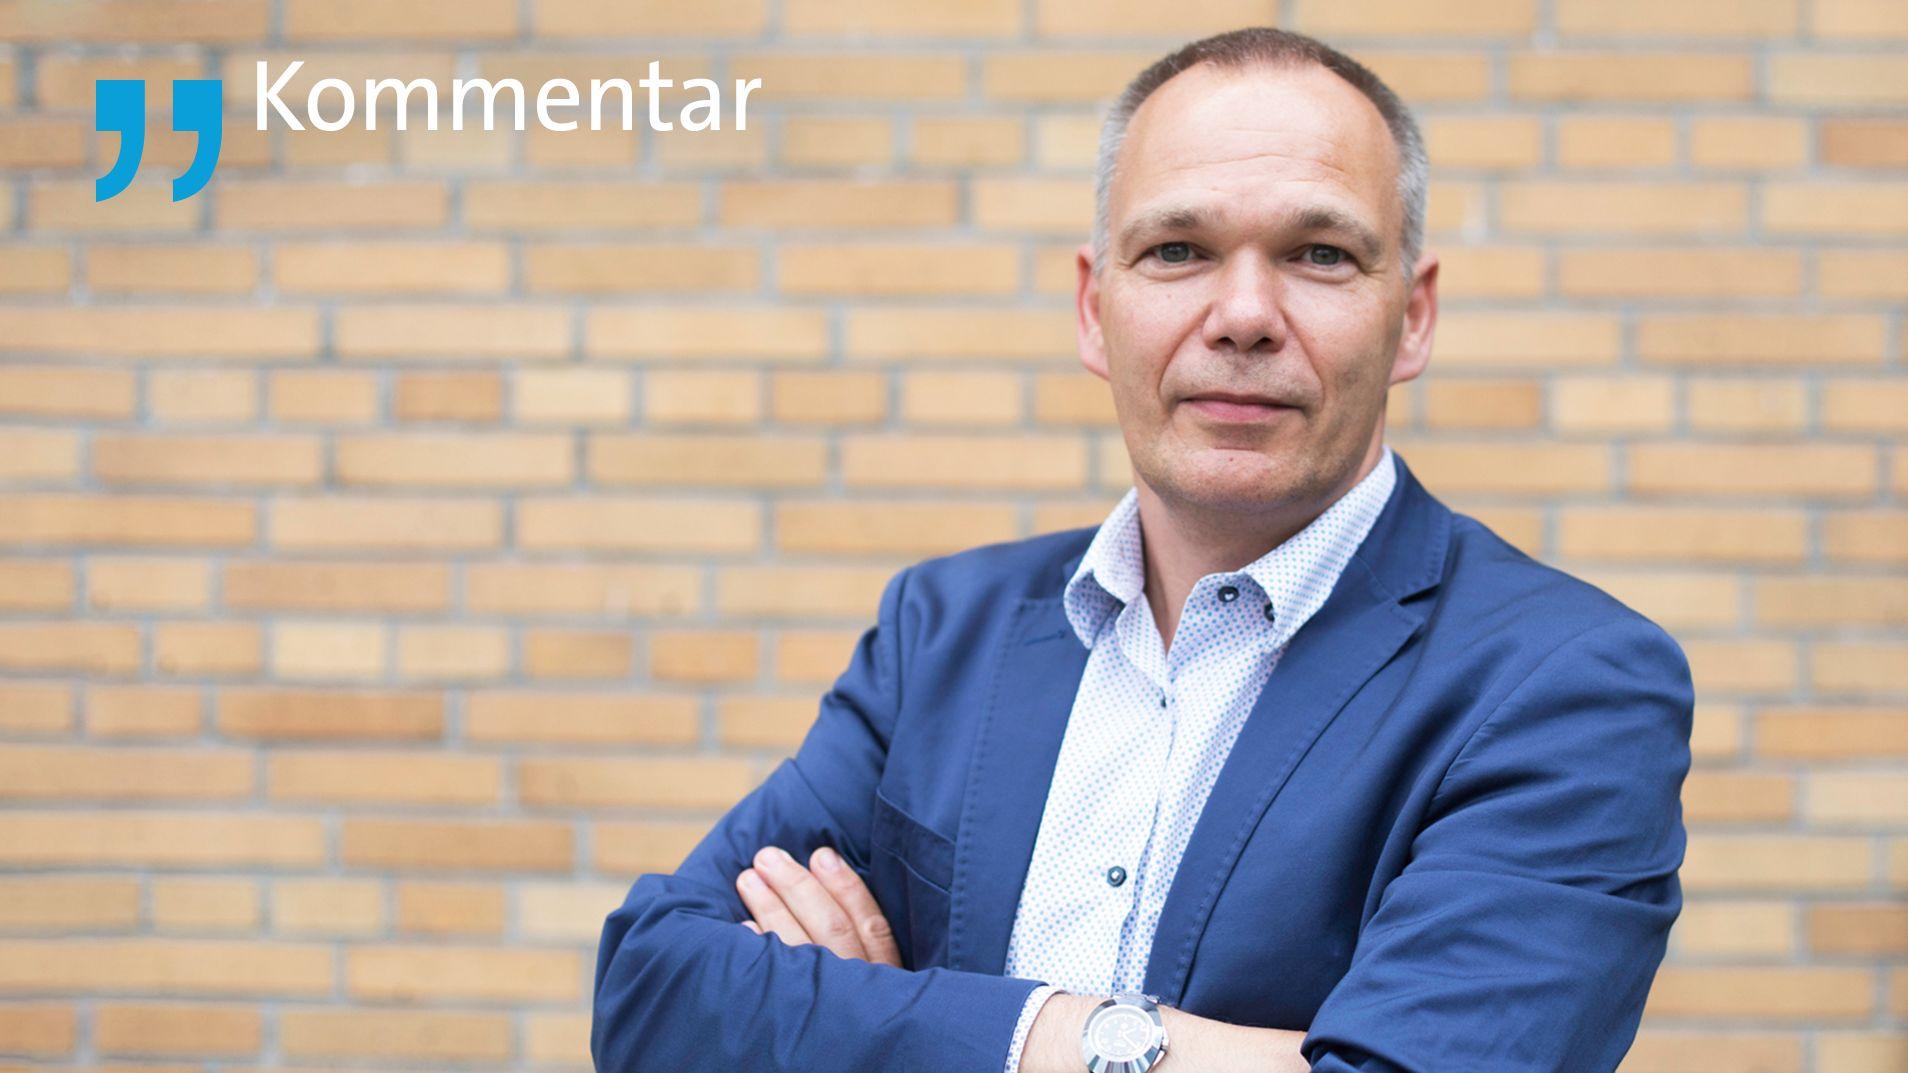 Kommentar von Ingo Lierheimer, Redaktionsleiter BR Politik und Hintergrund